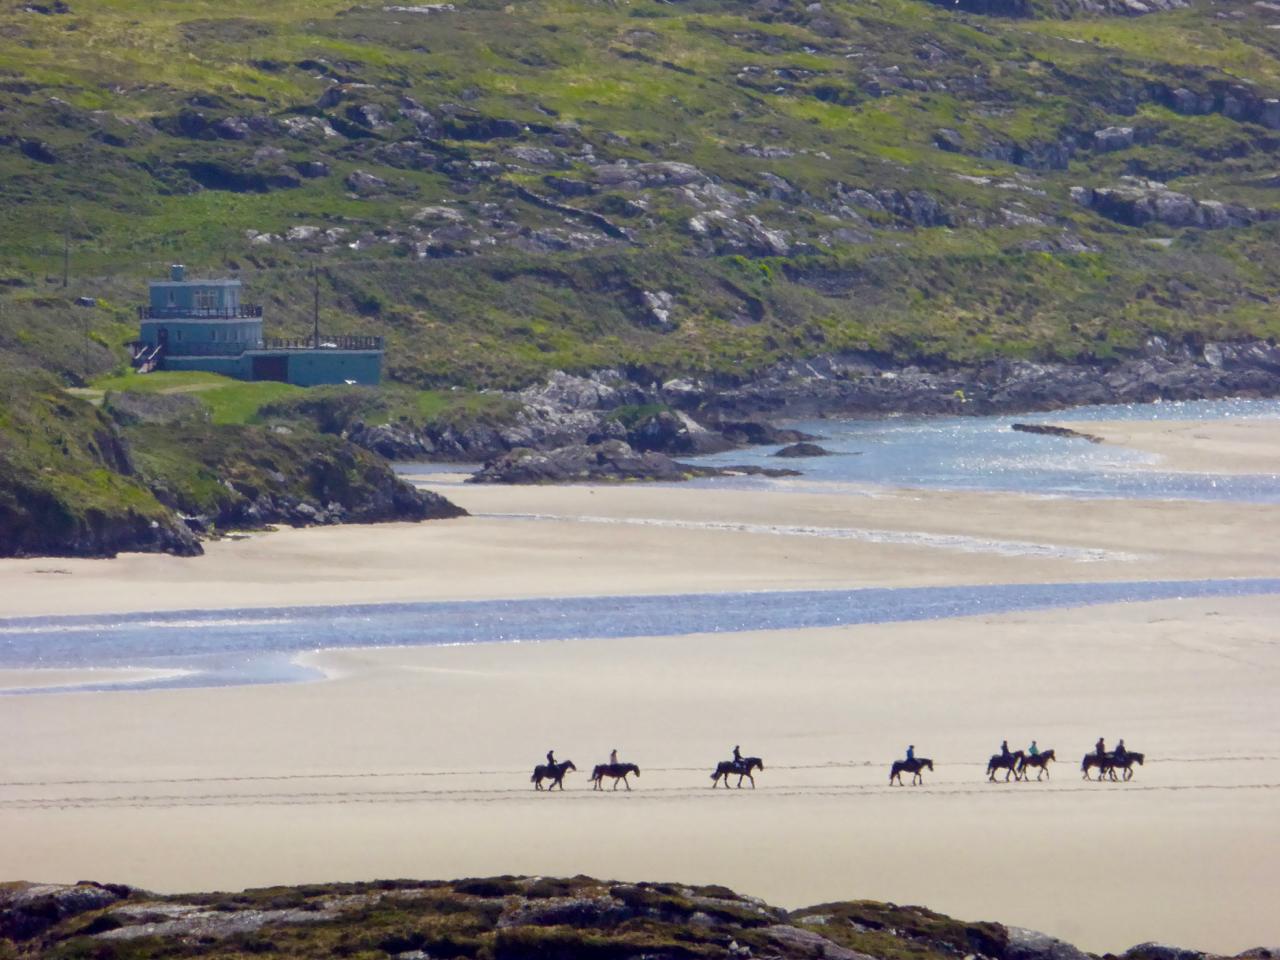 Horses at Caherdaniel